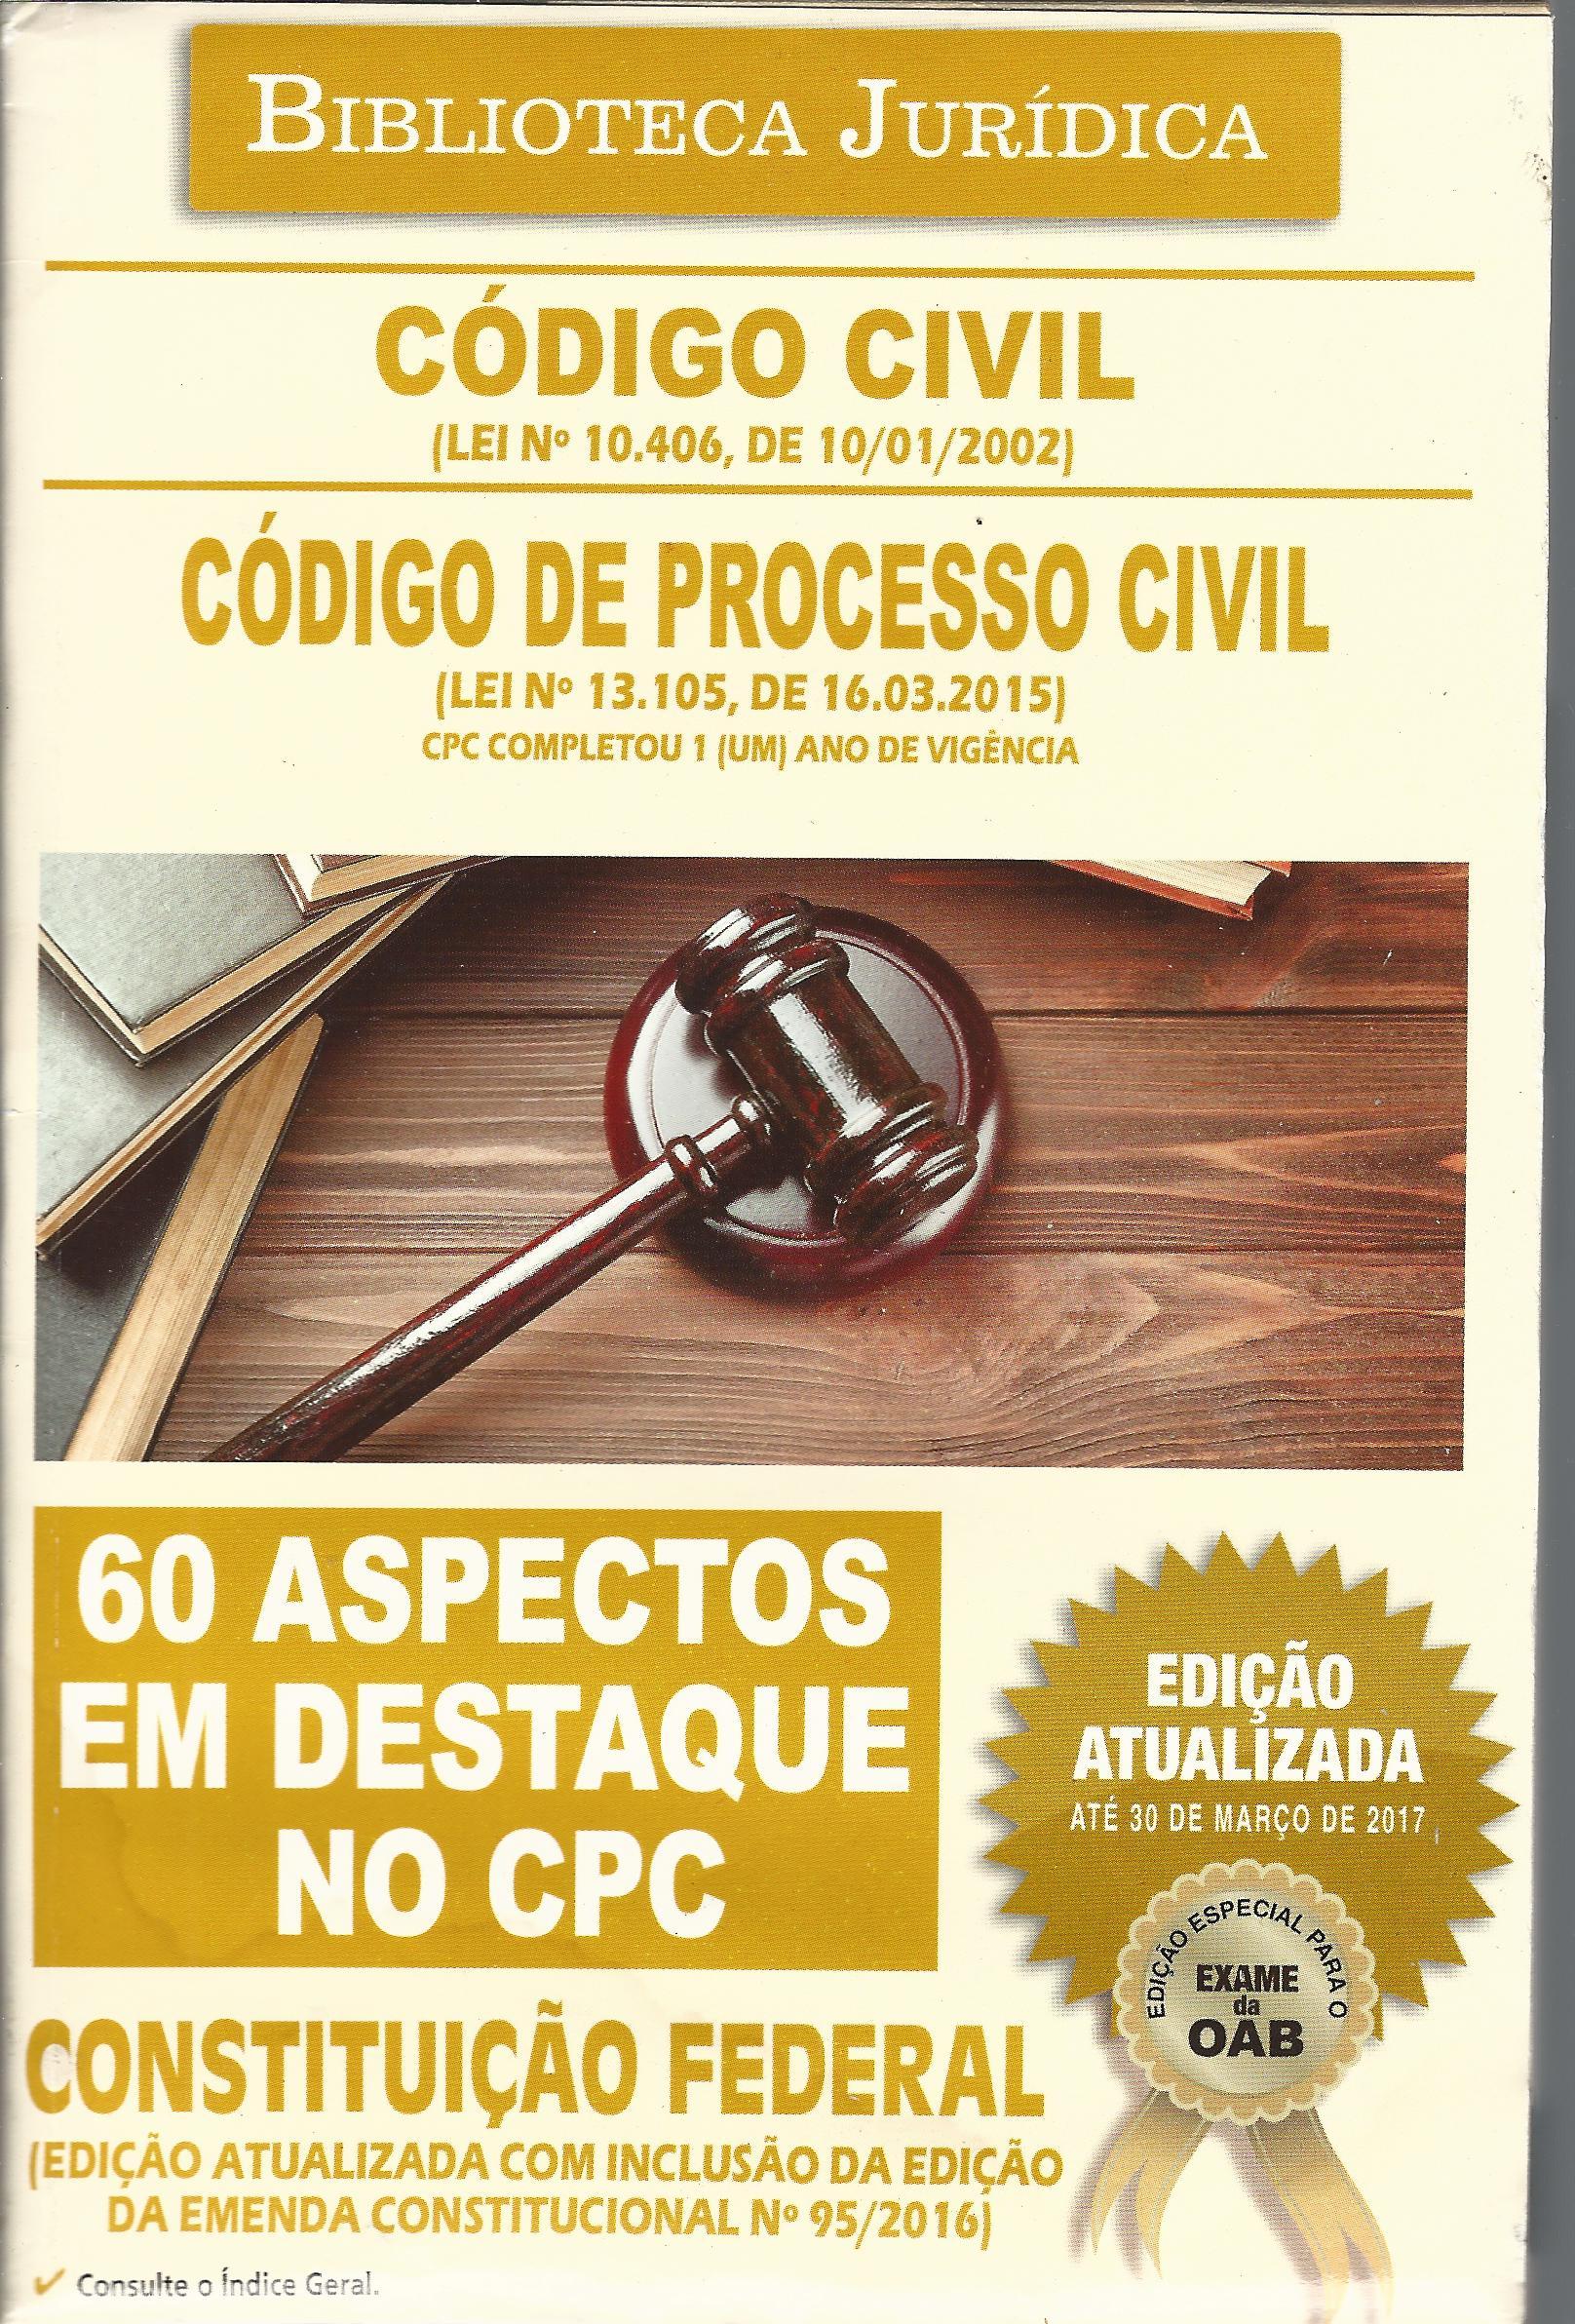 Capa do livro Código Civil / Código de Processo Civil - Col. Biblioteca Jurídica Vol. 4 - Ed. Atualizada 2017, Vários Autores